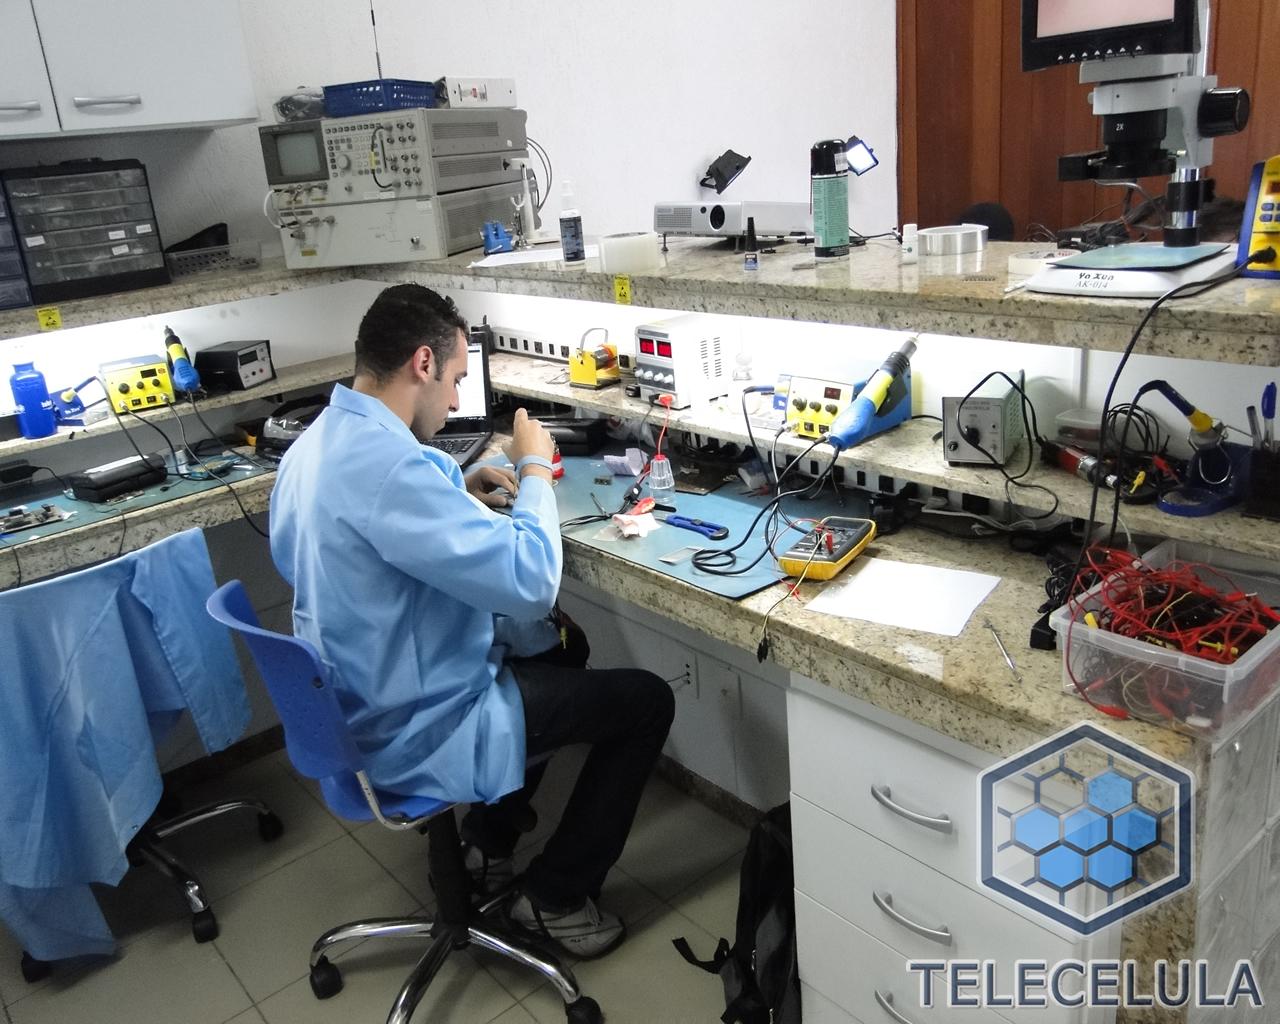 Fotos Treinamento Telecelula Eletrônica Básica e Bancada ...